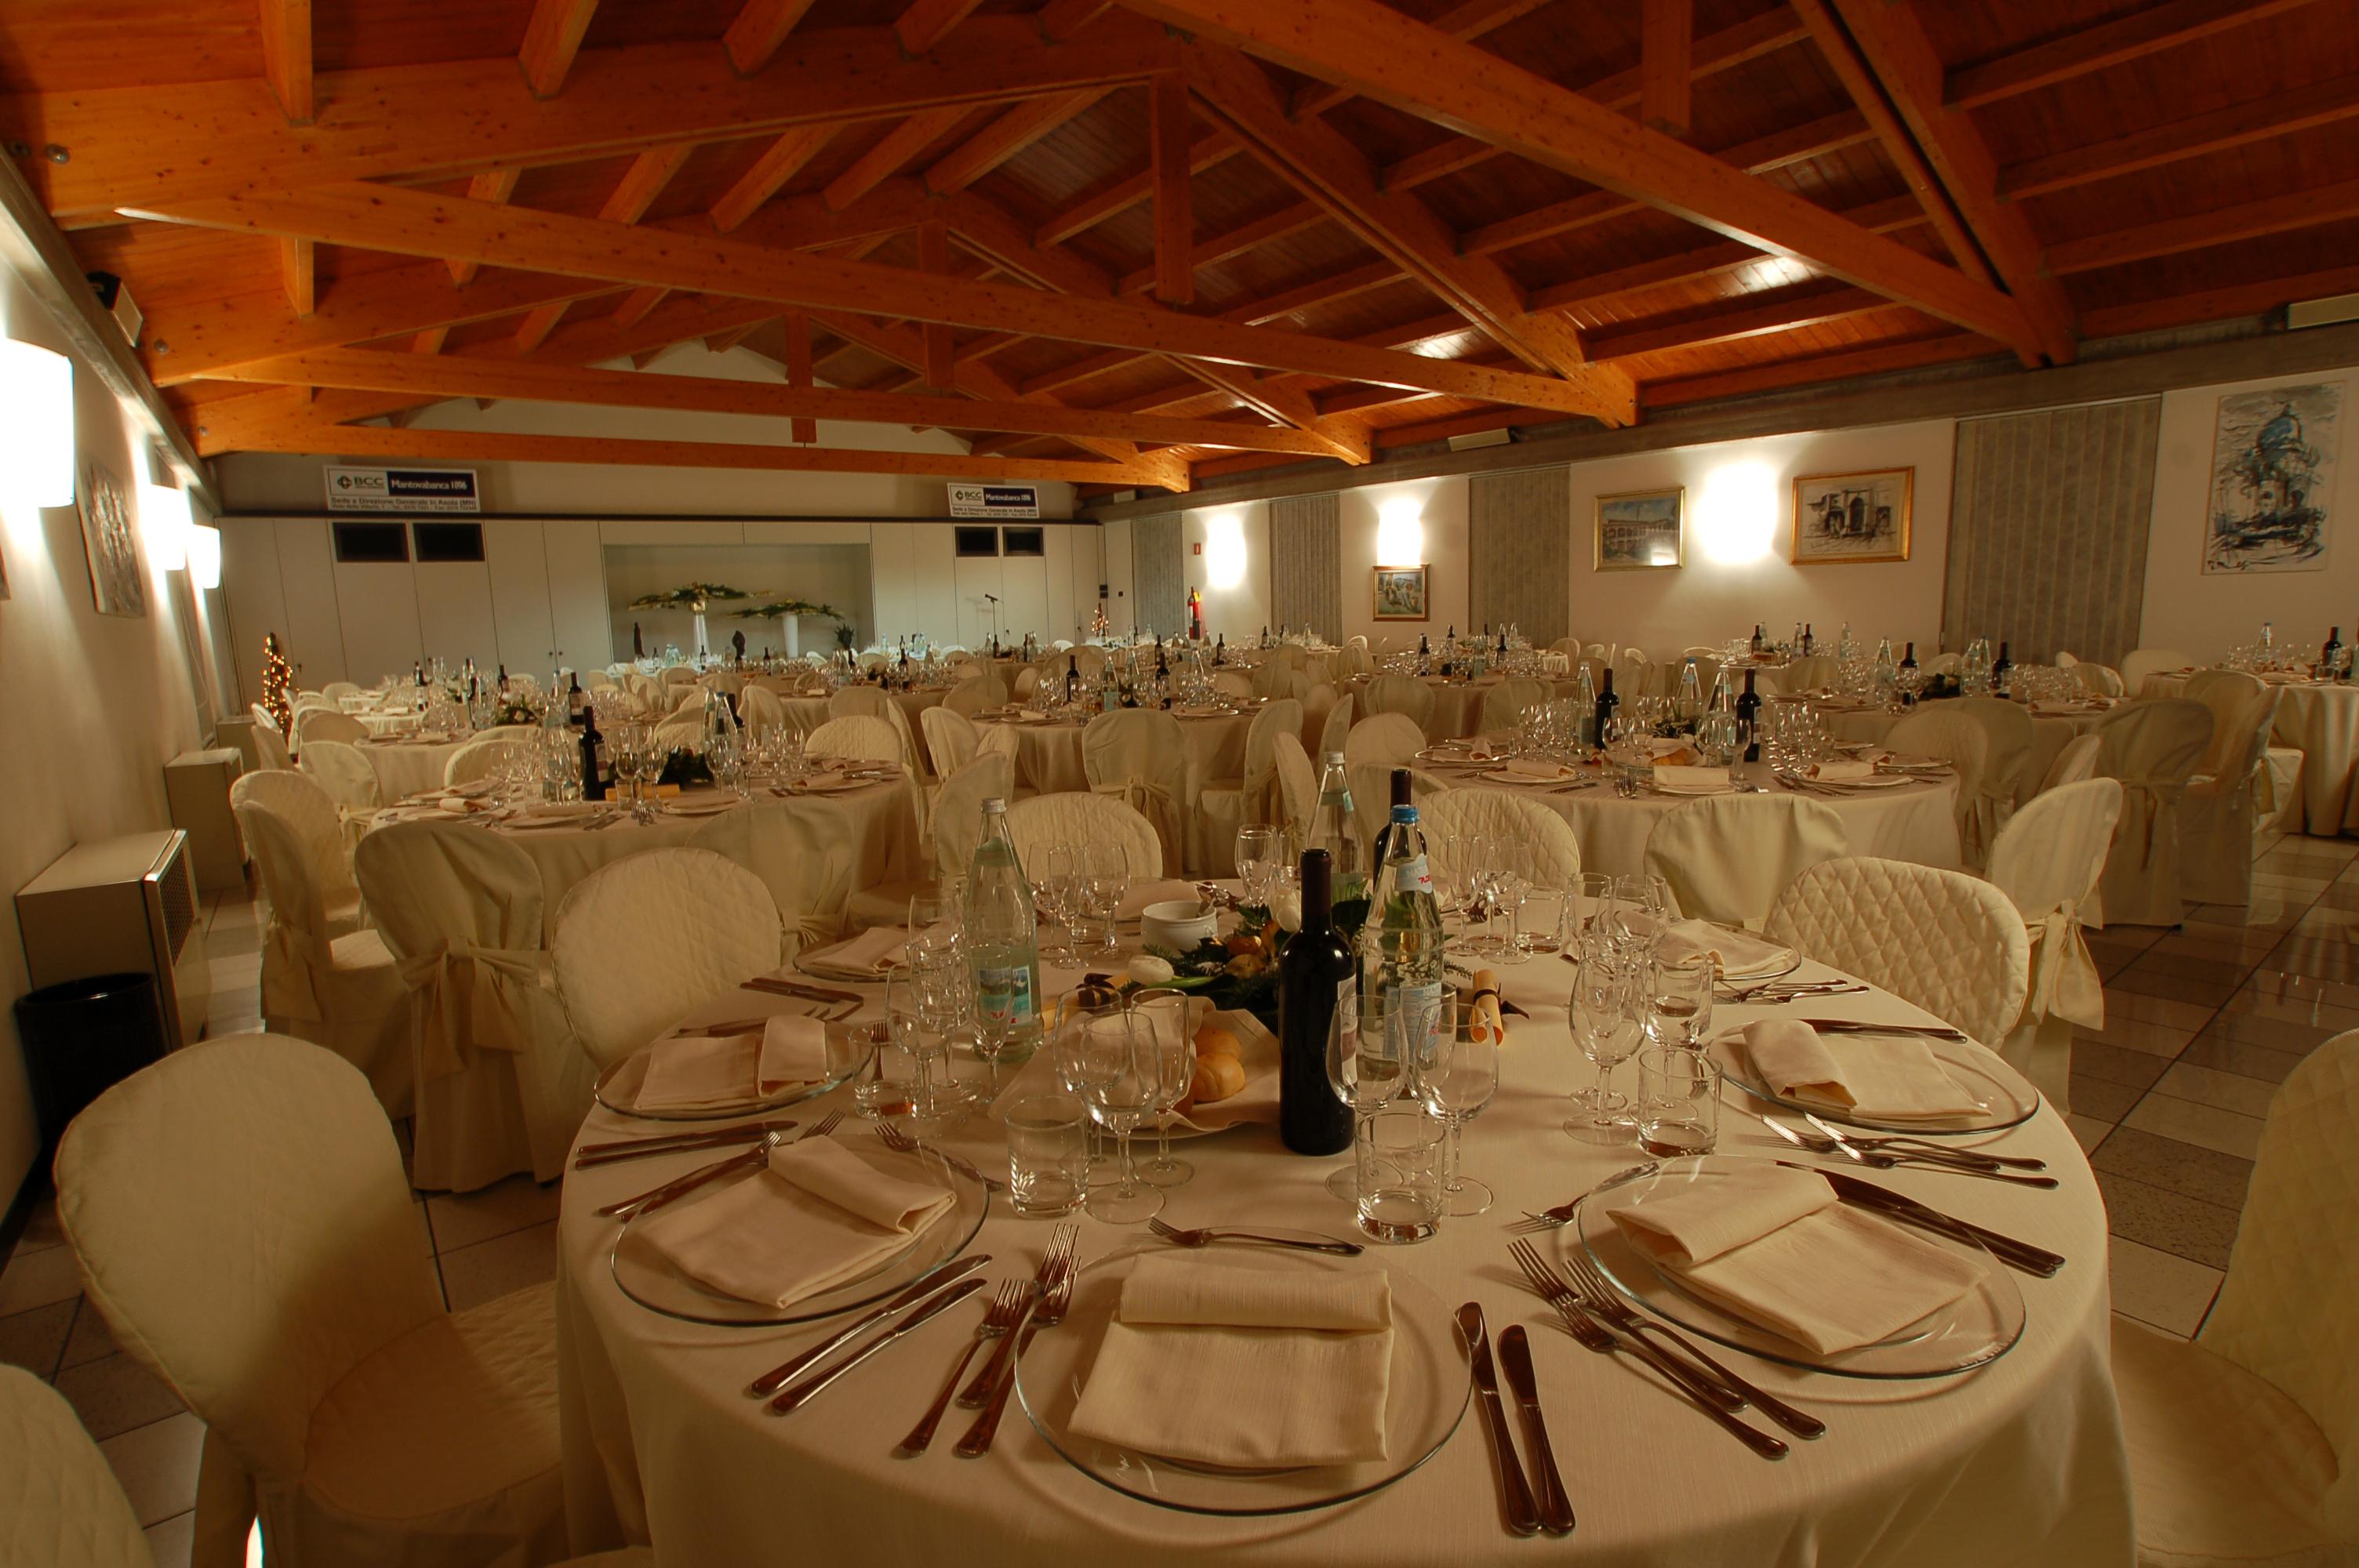 Galateo a tavola come apparecchiare per le diverse occasioni noleggio service - Regole del galateo a tavola ...